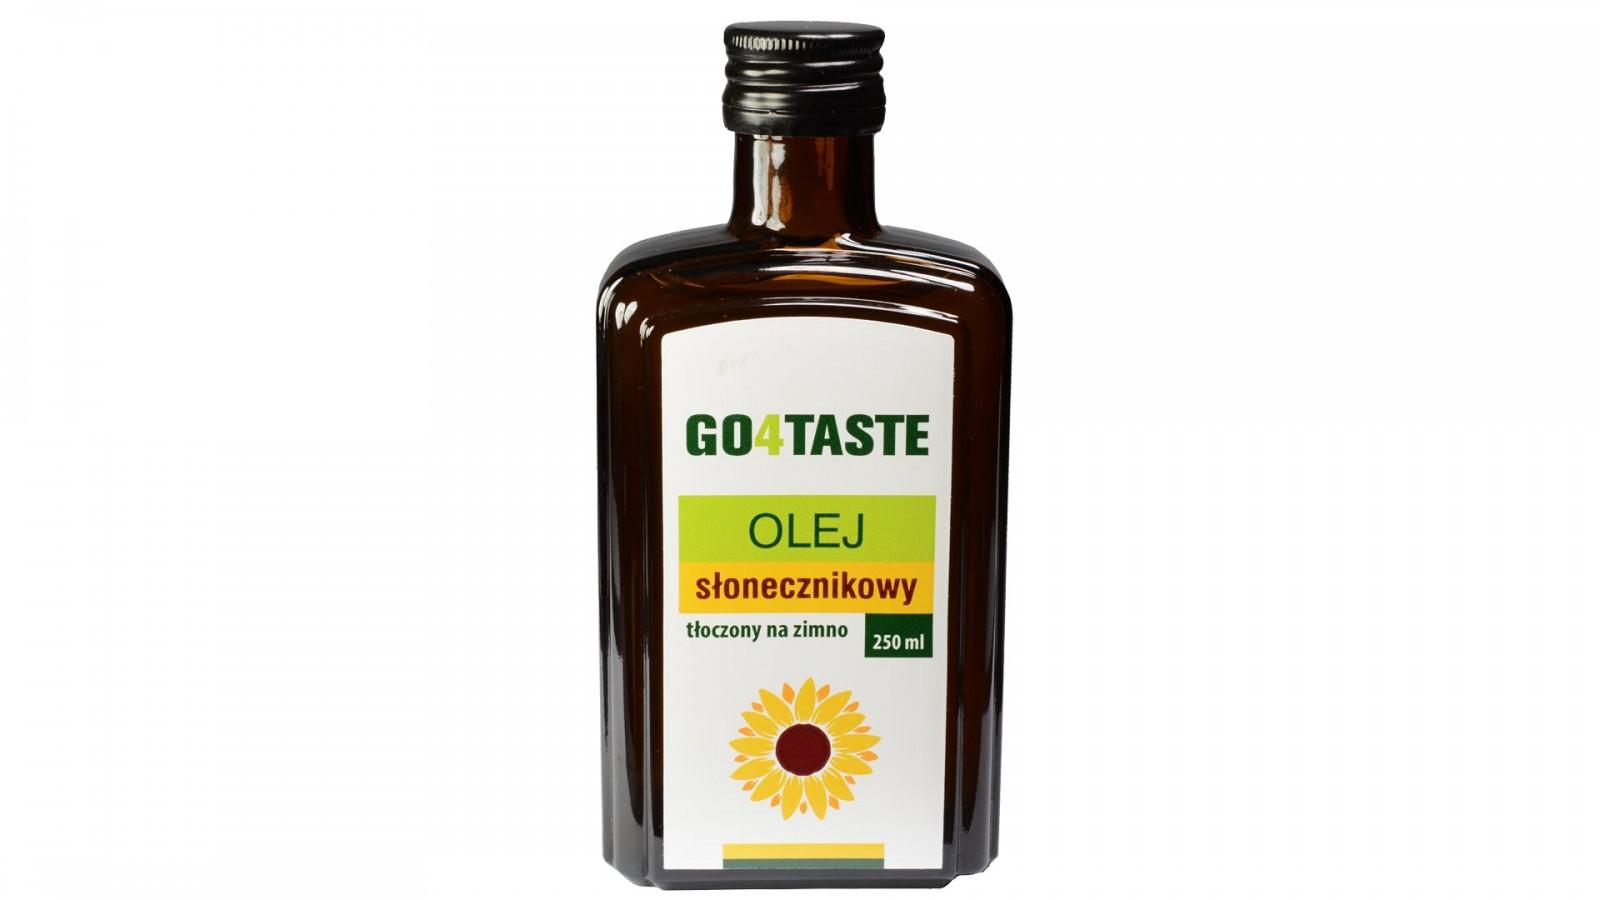 Olej słonecznikowy Cena Gdzie kupić 250ml